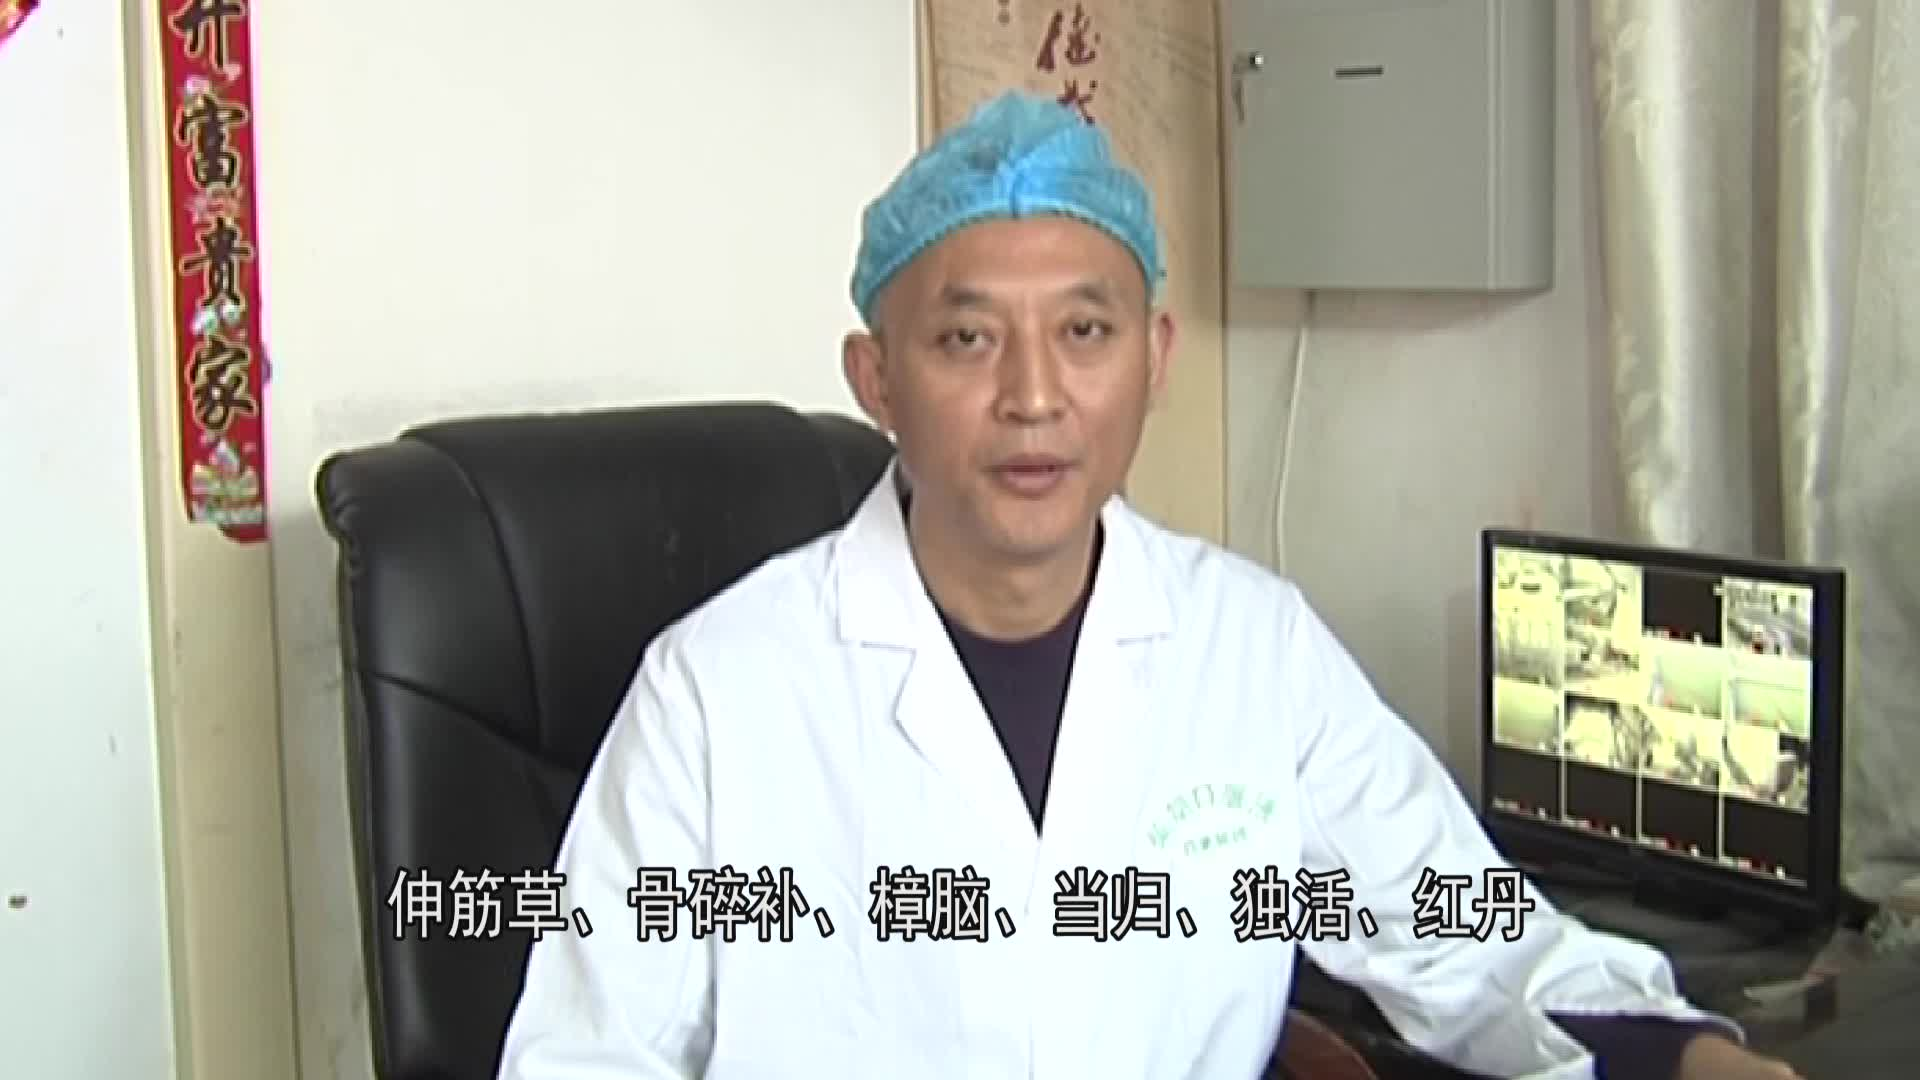 短视频《非遗文化·匠心传承》——老张家膏药